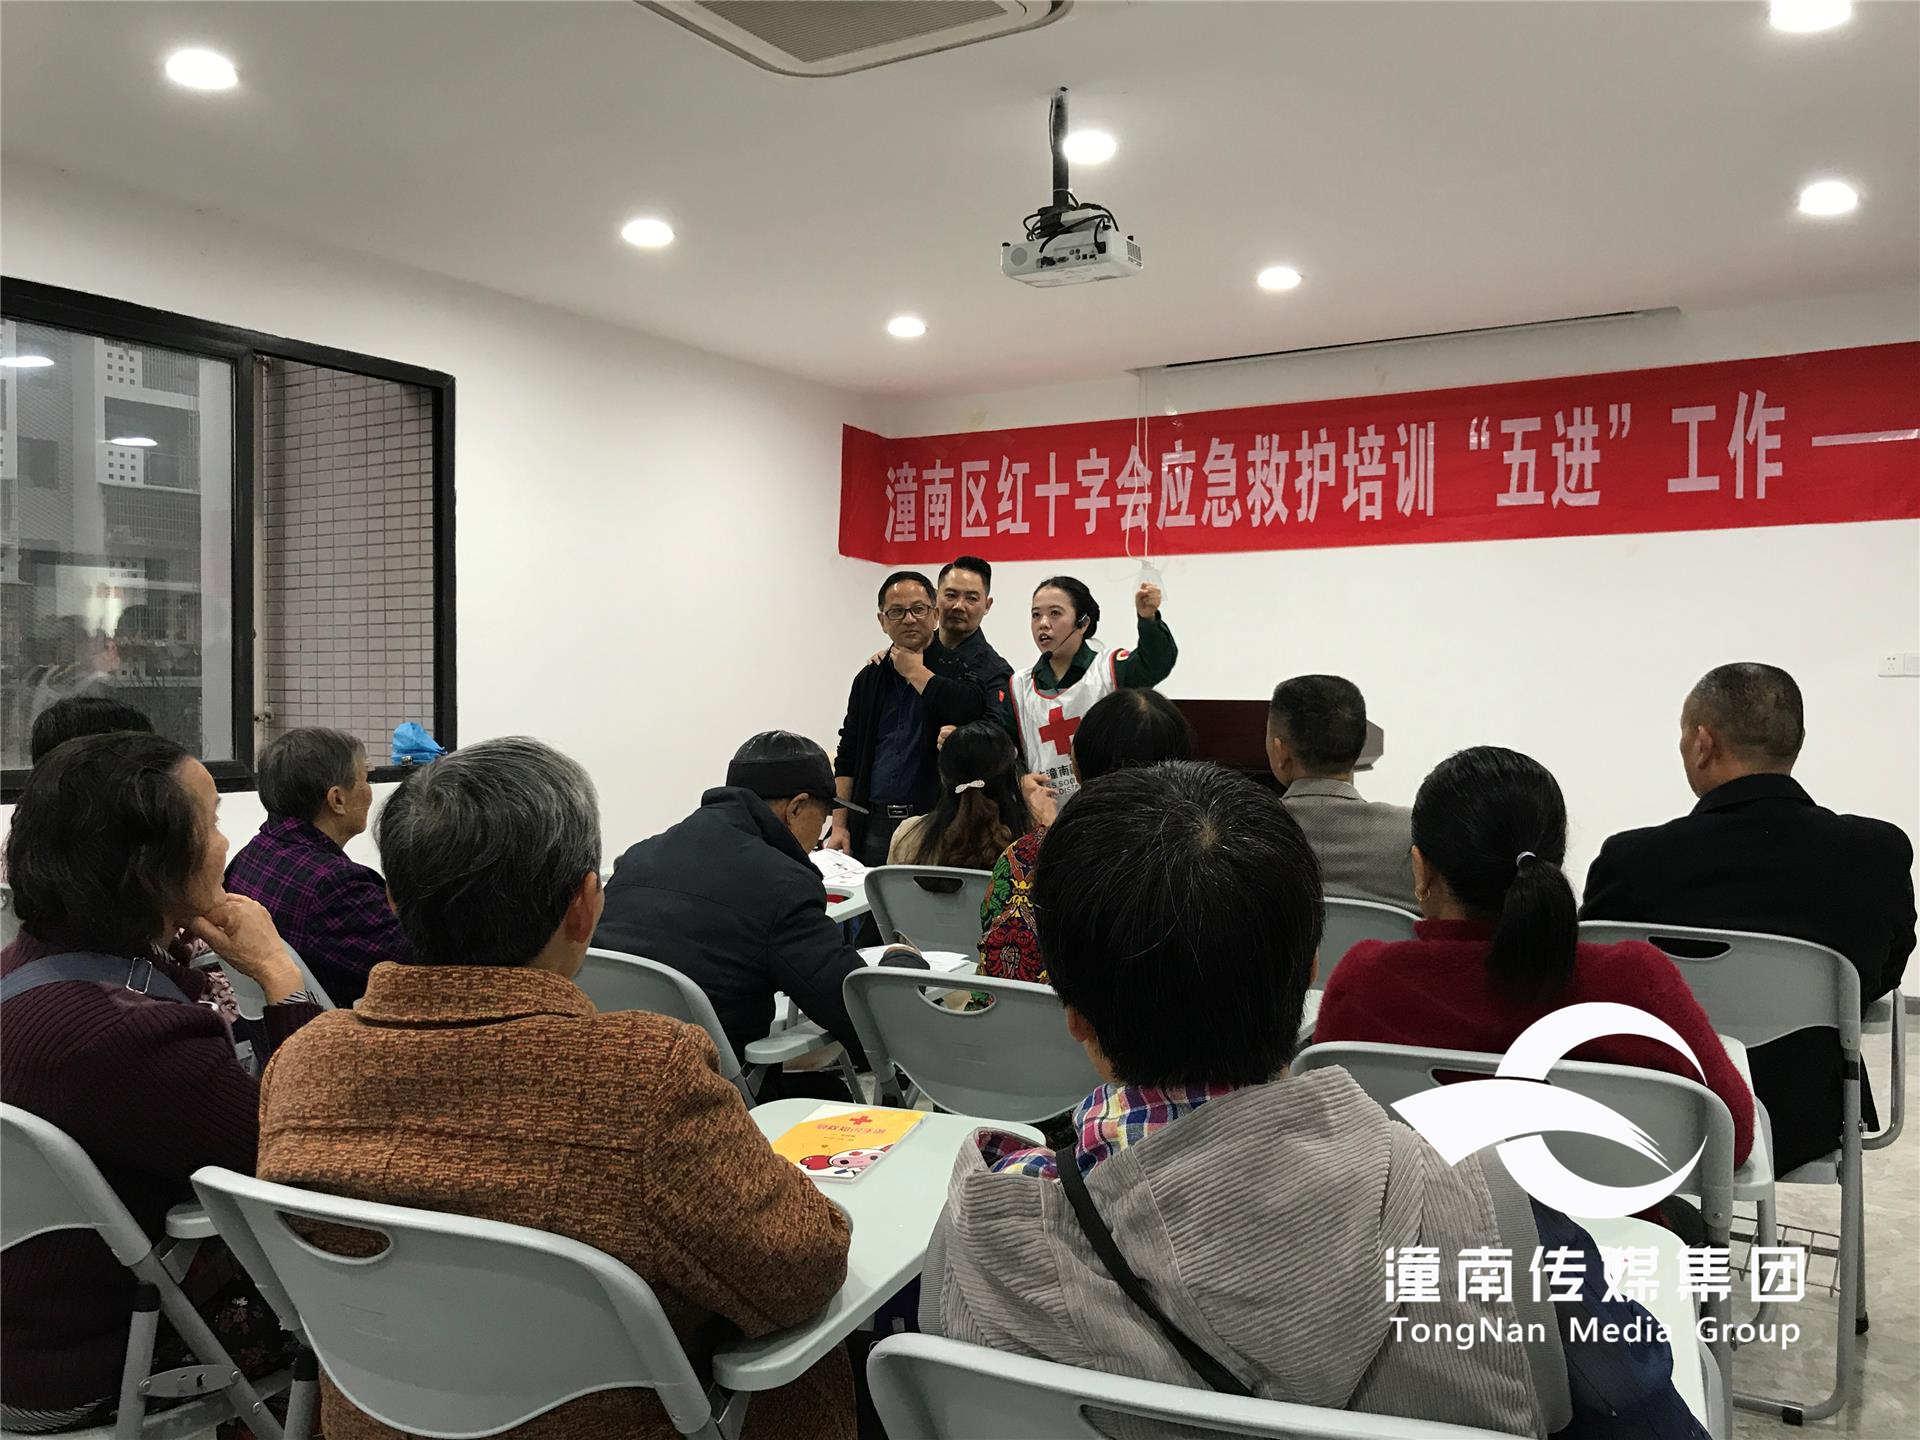 潼南区红十字会开展应急救护培训进社区活动